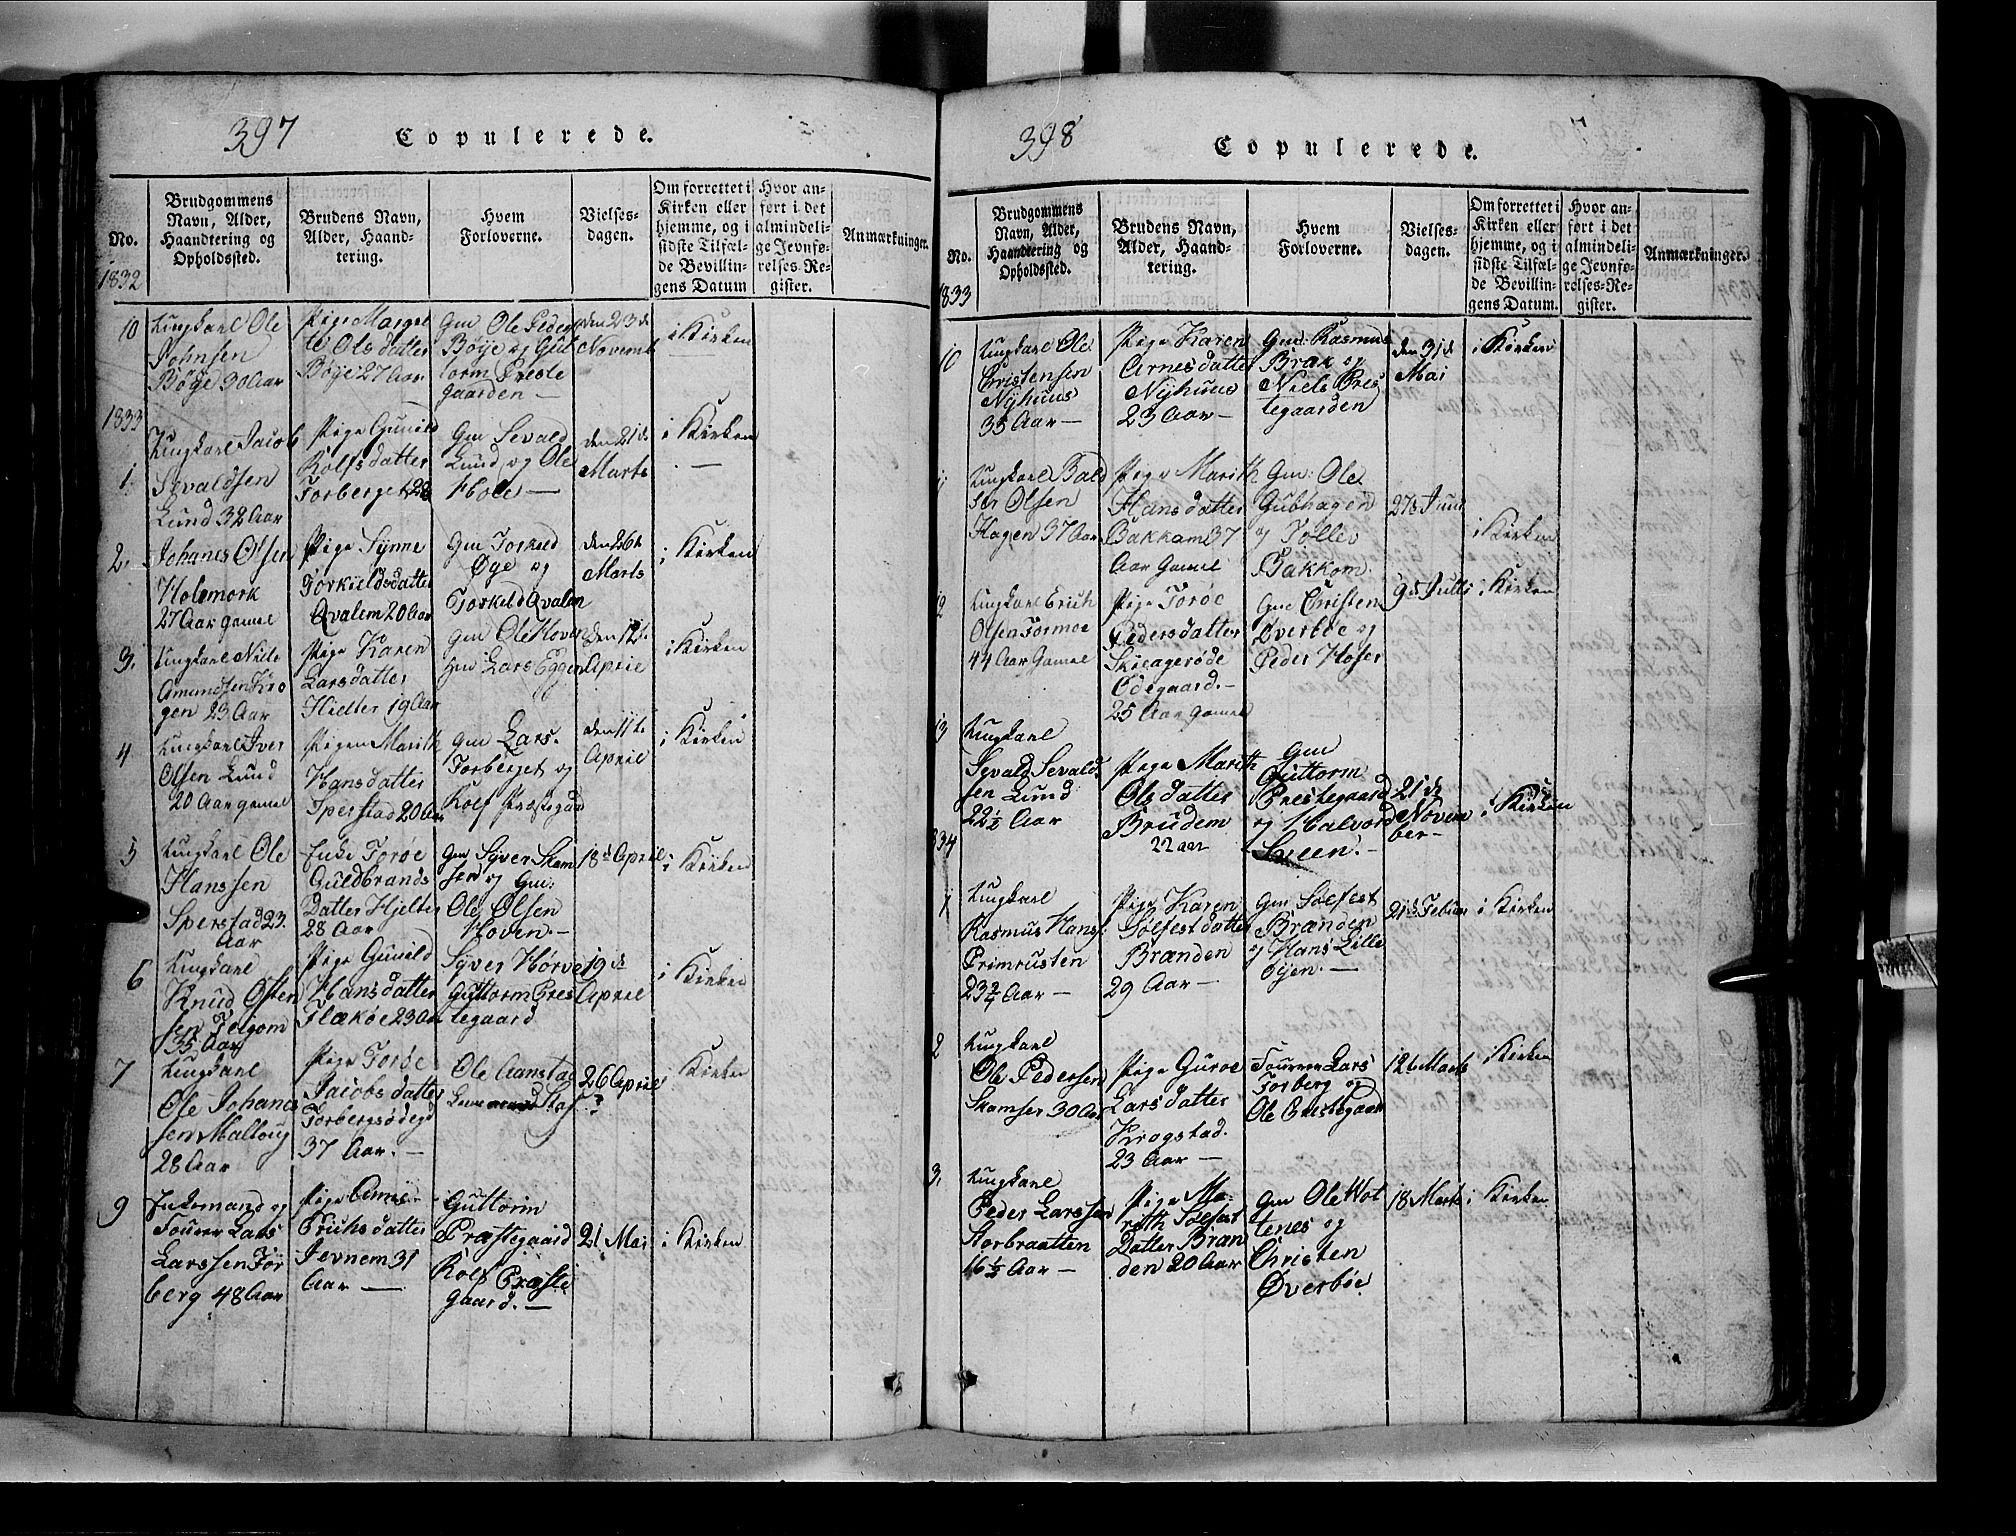 SAH, Lom prestekontor, L/L0003: Klokkerbok nr. 3, 1815-1844, s. 397-398